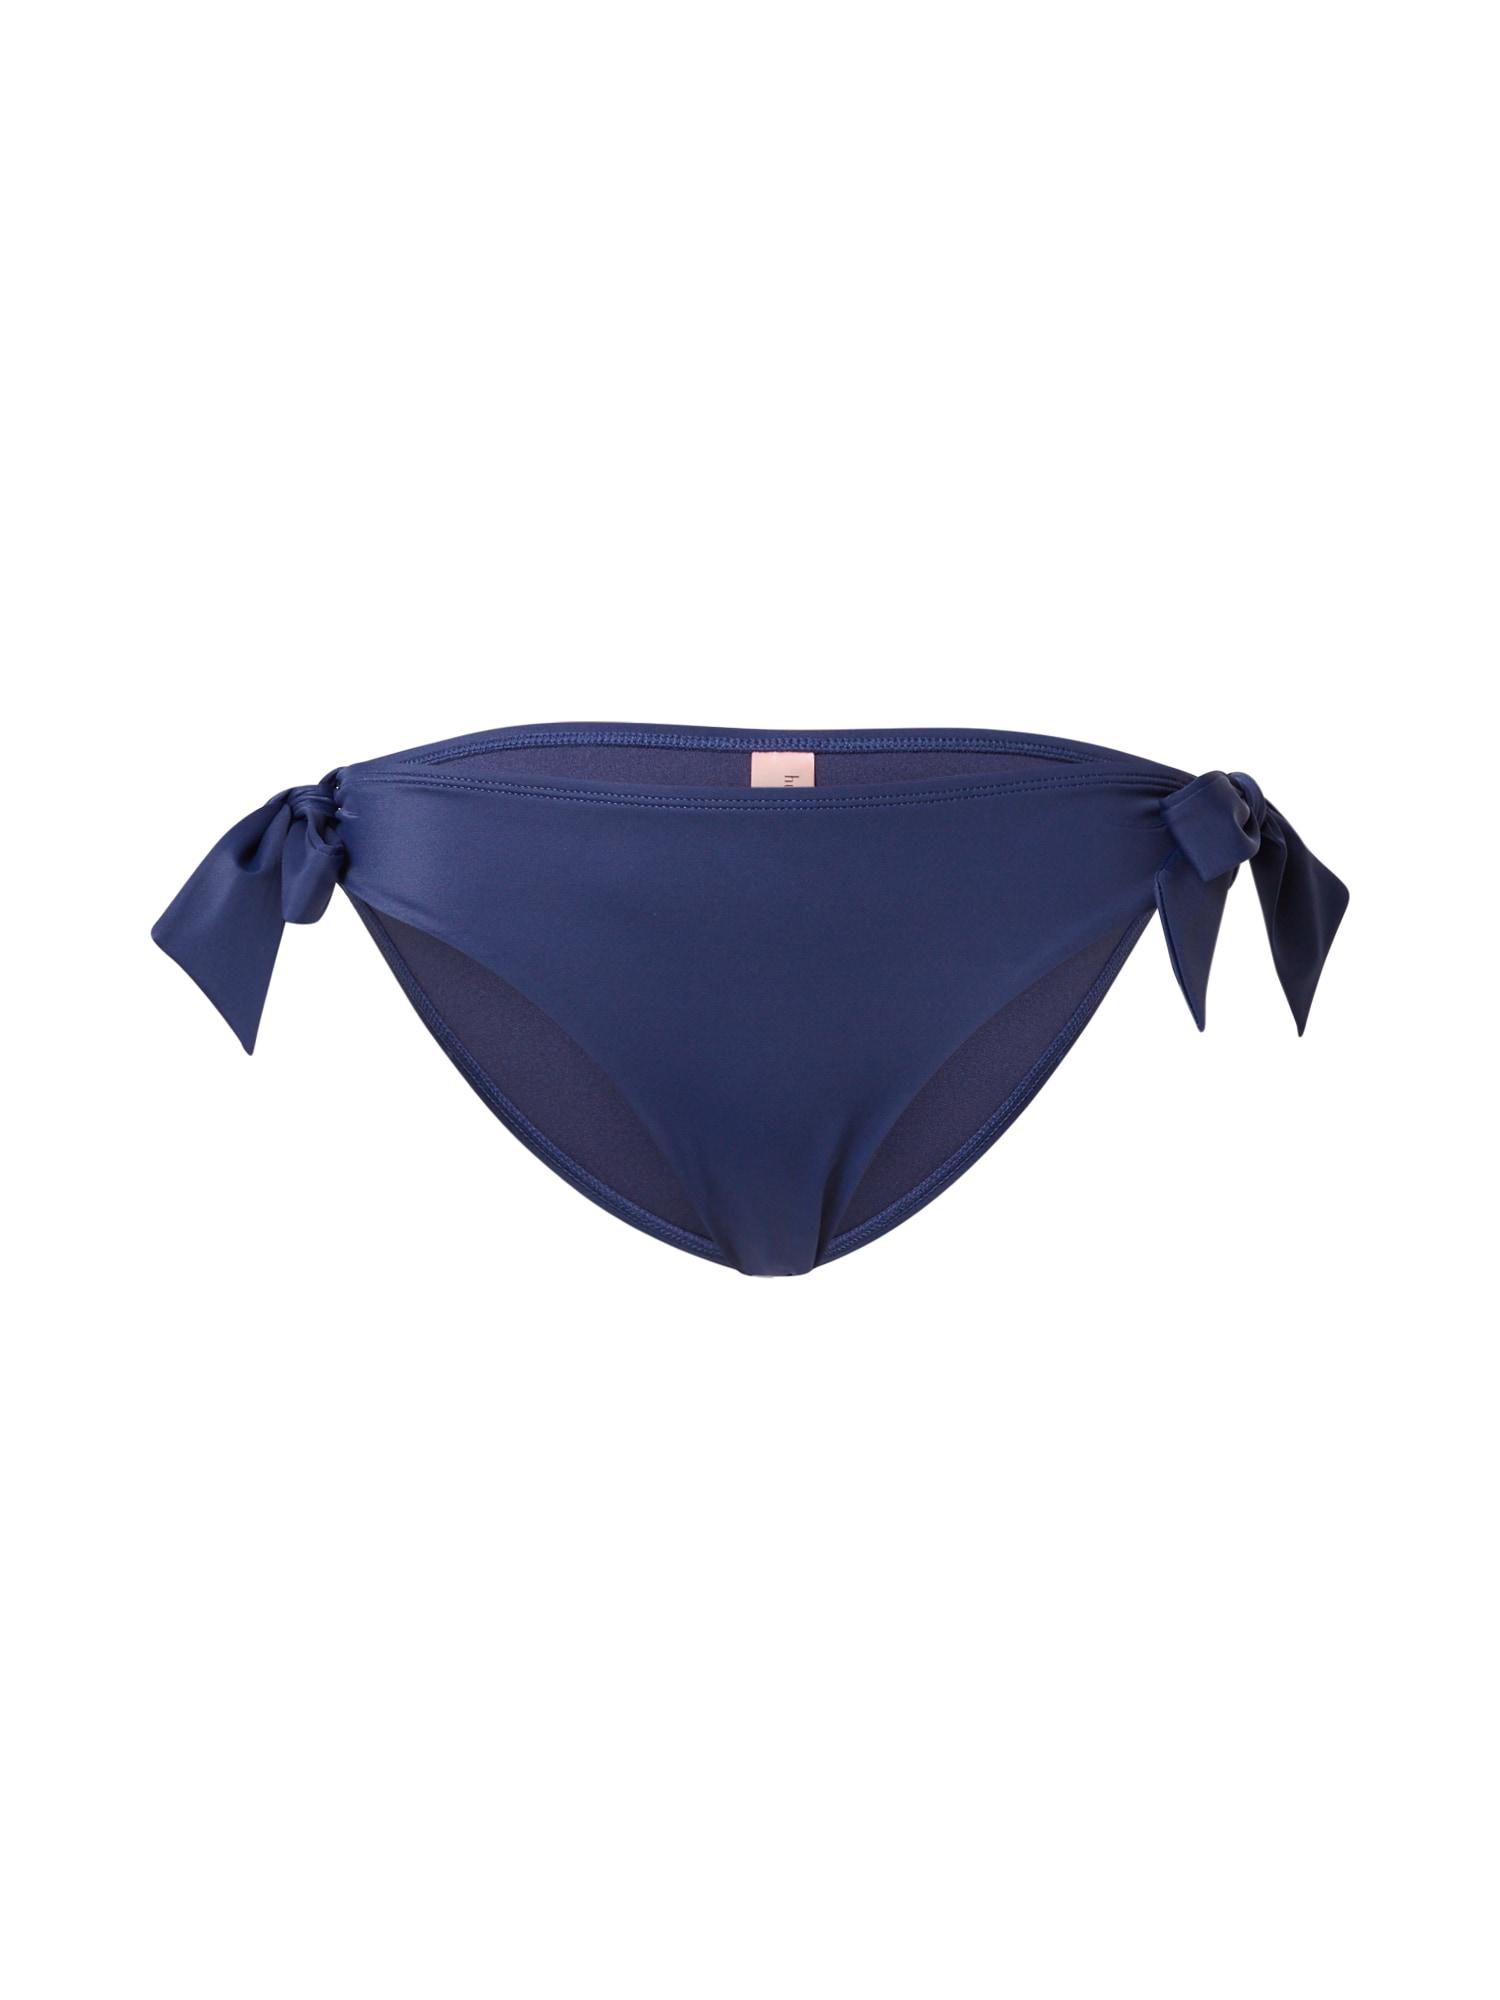 Hunkemöller Bikinio kelnaitės tamsiai mėlyna